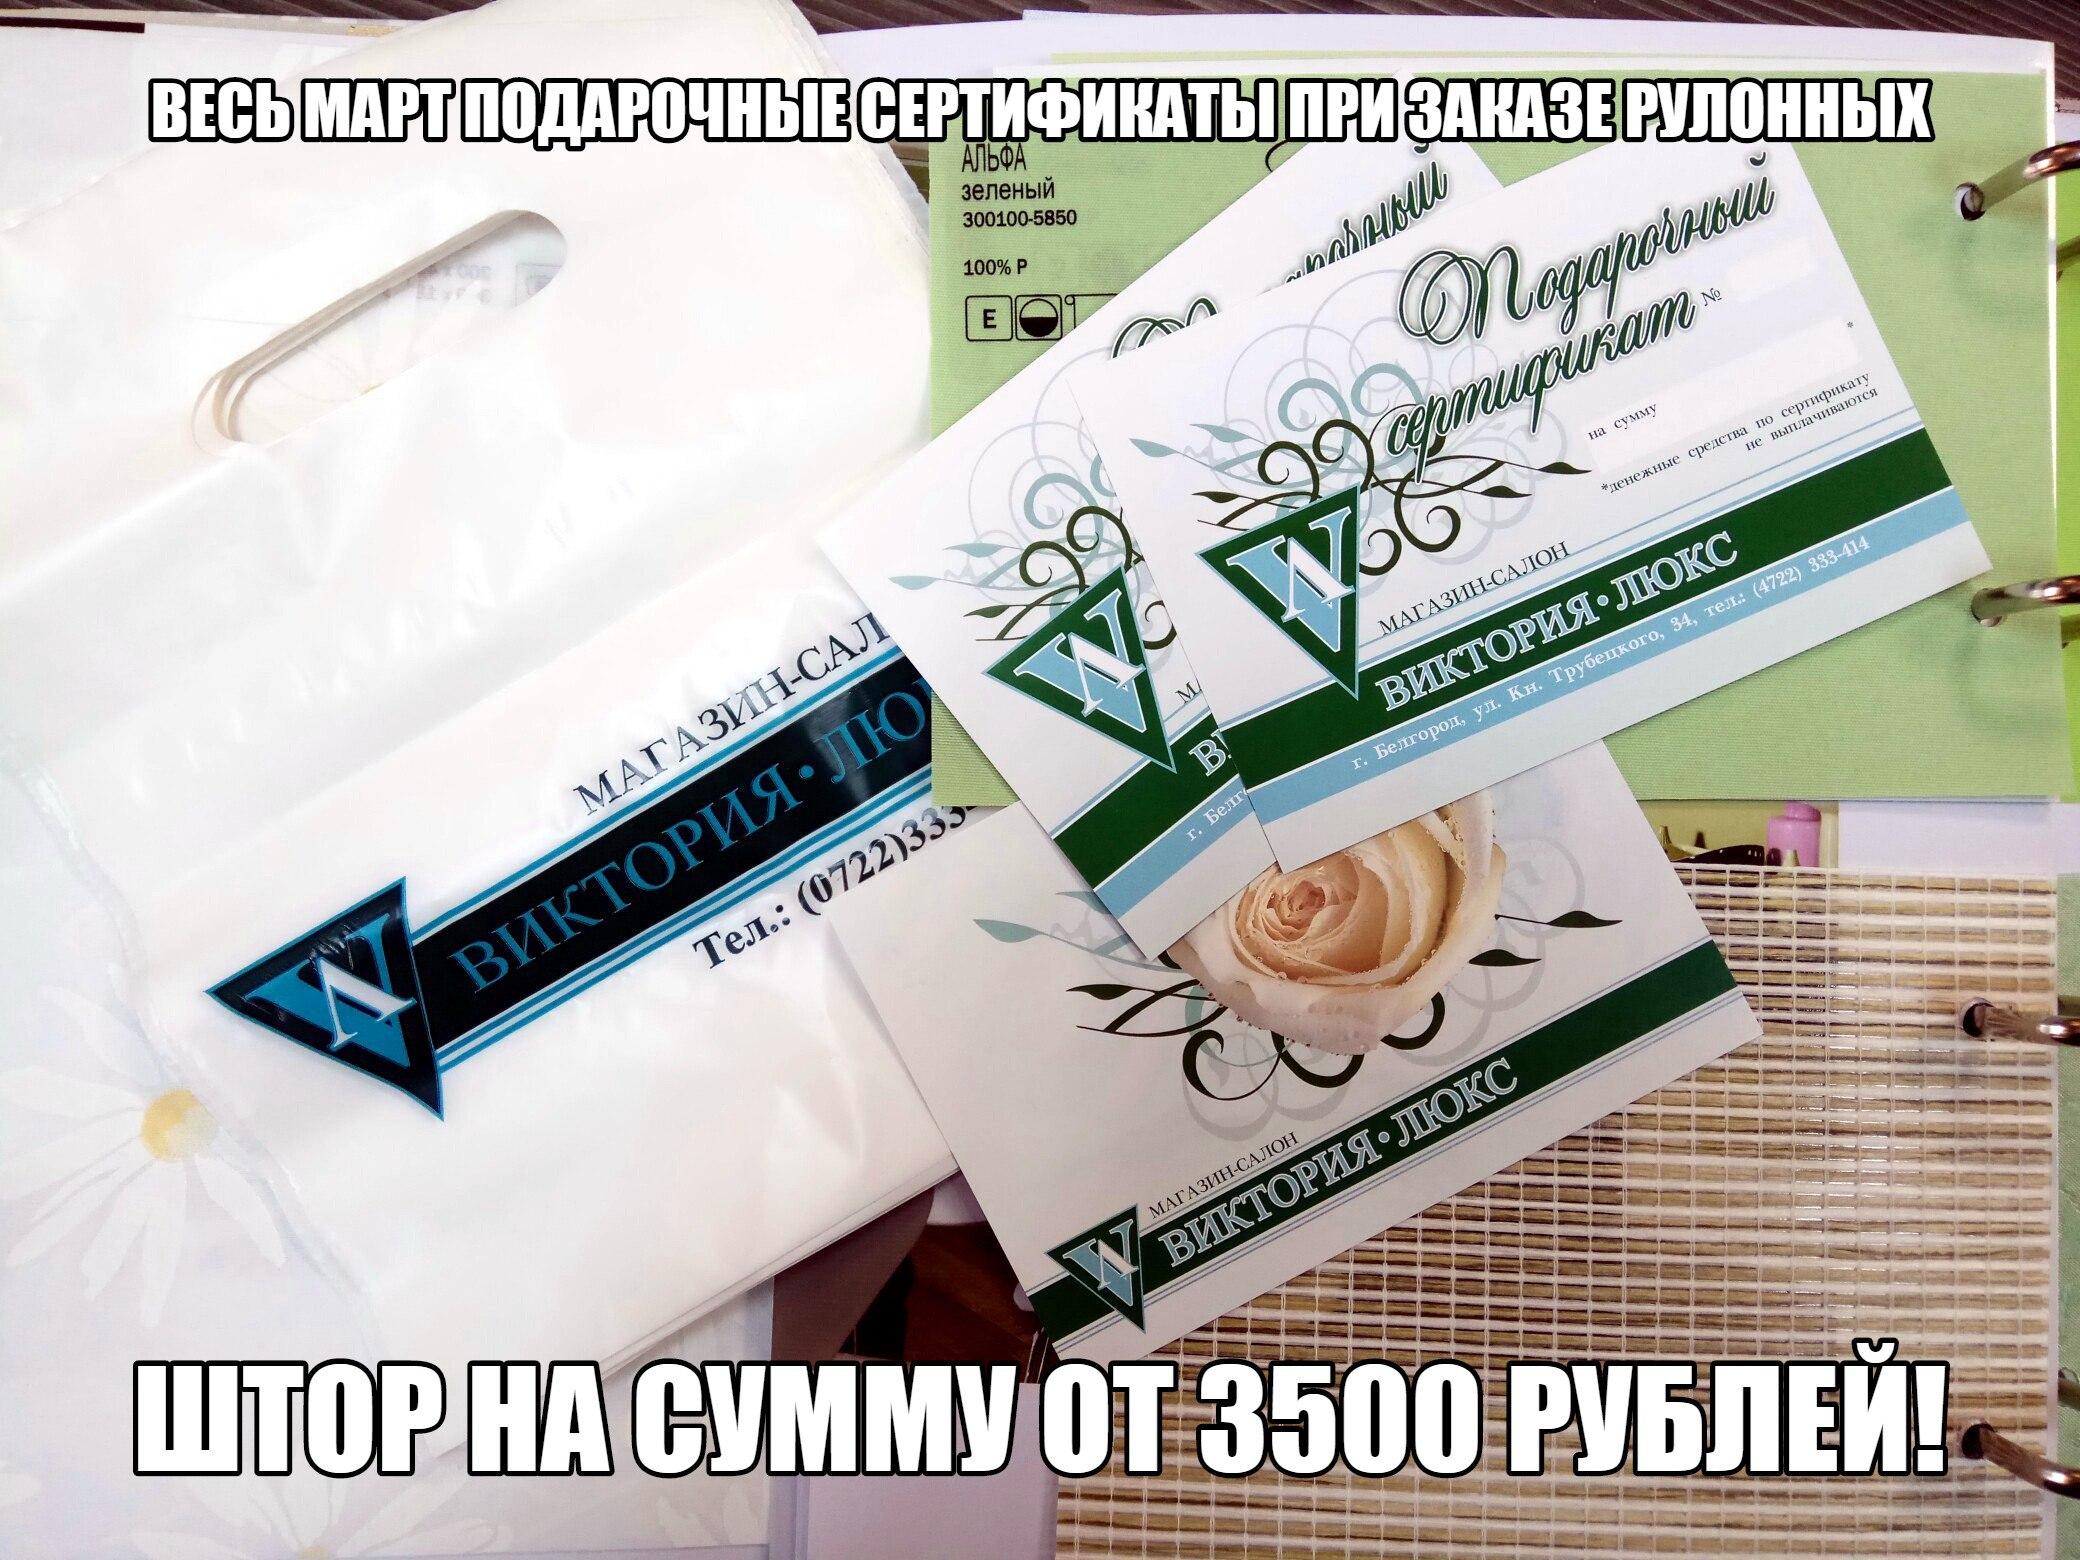 Женское белье в белгороде сертификат упражнения с деревянный массажер